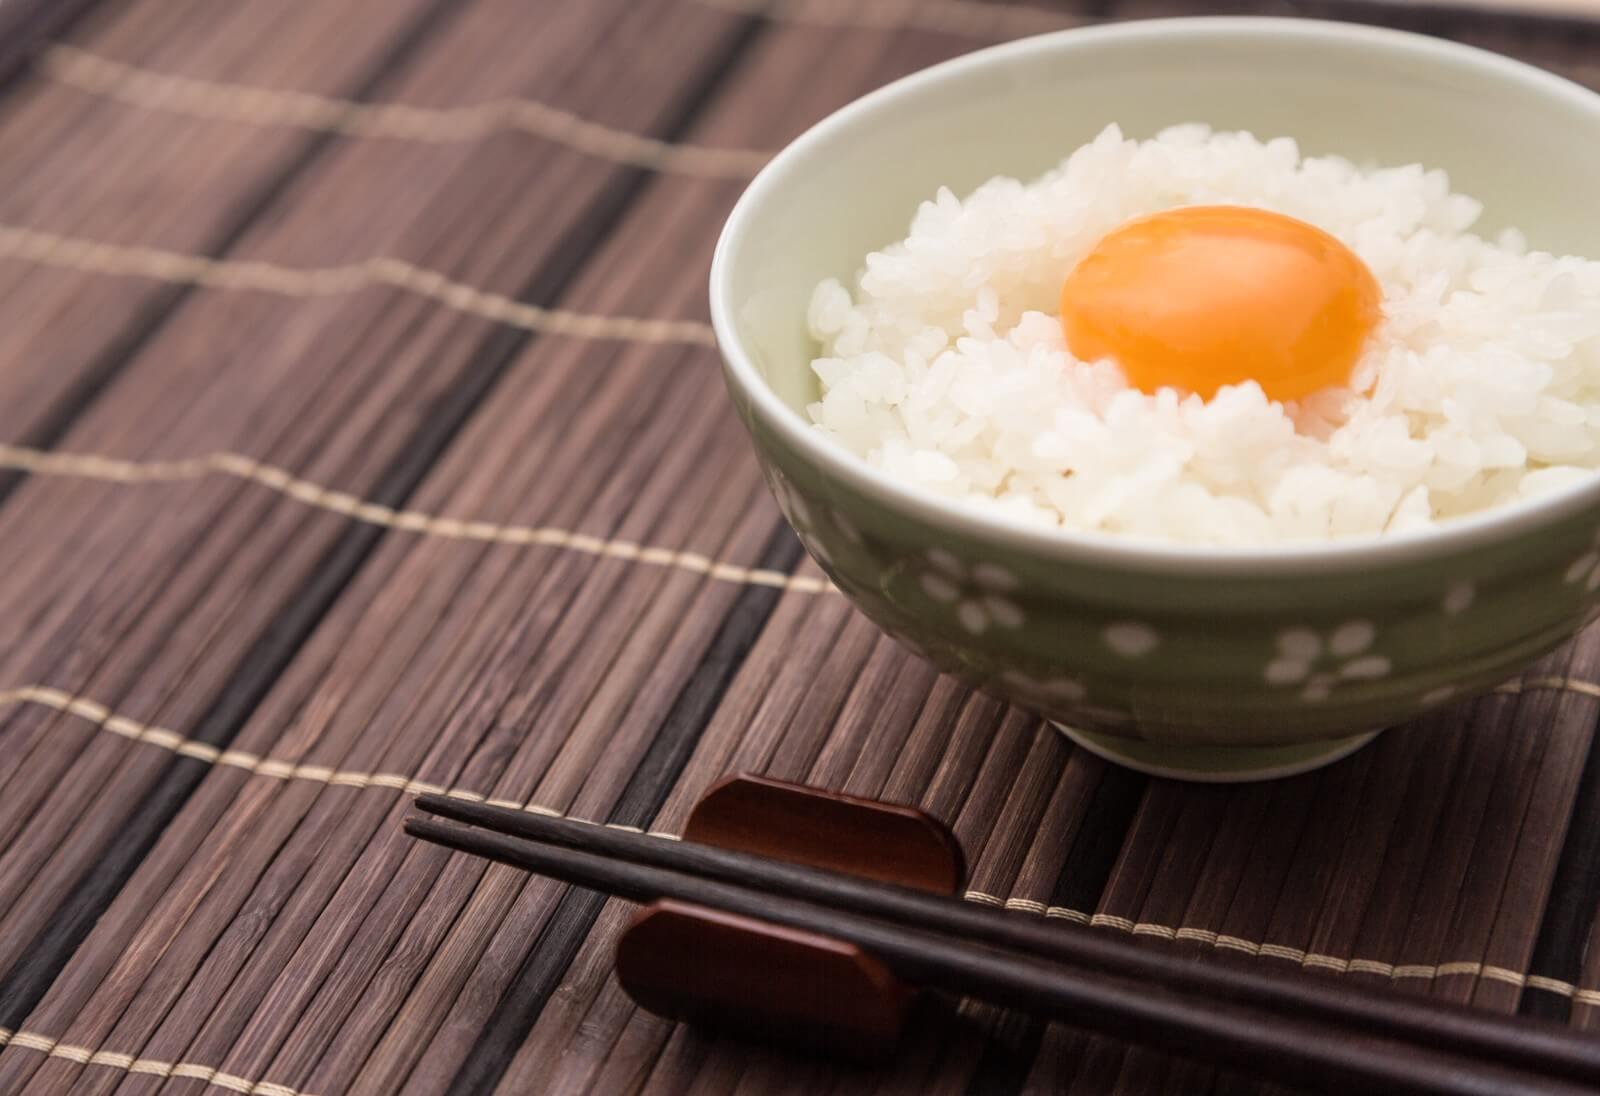 美味しそうな卵かけご飯